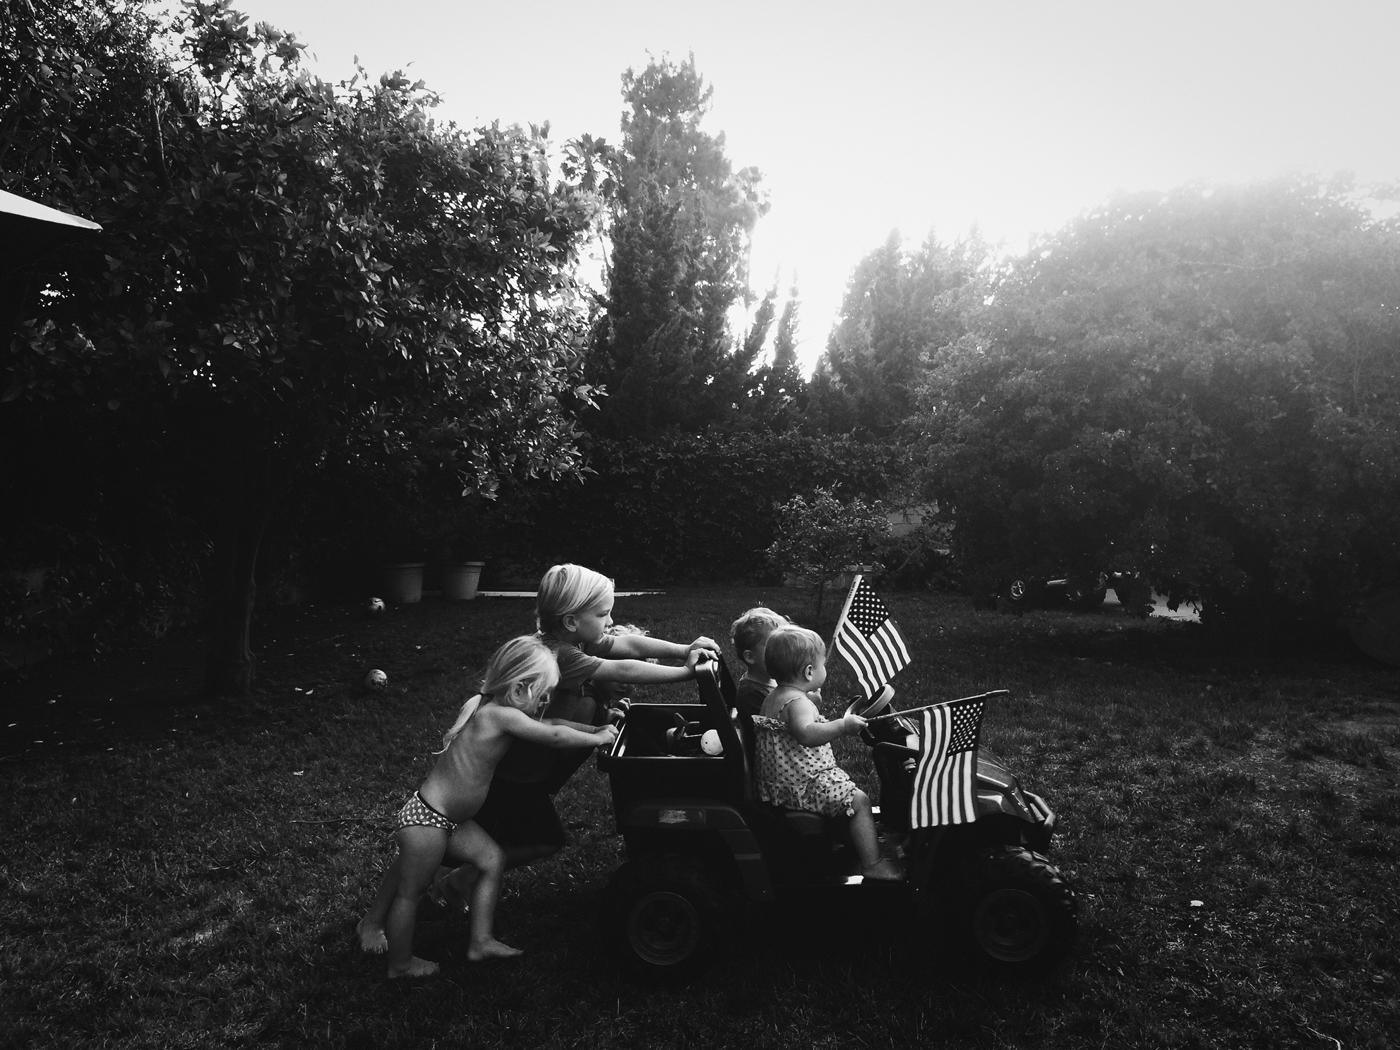 'Truckin' Cousins' by Kelly Sutton